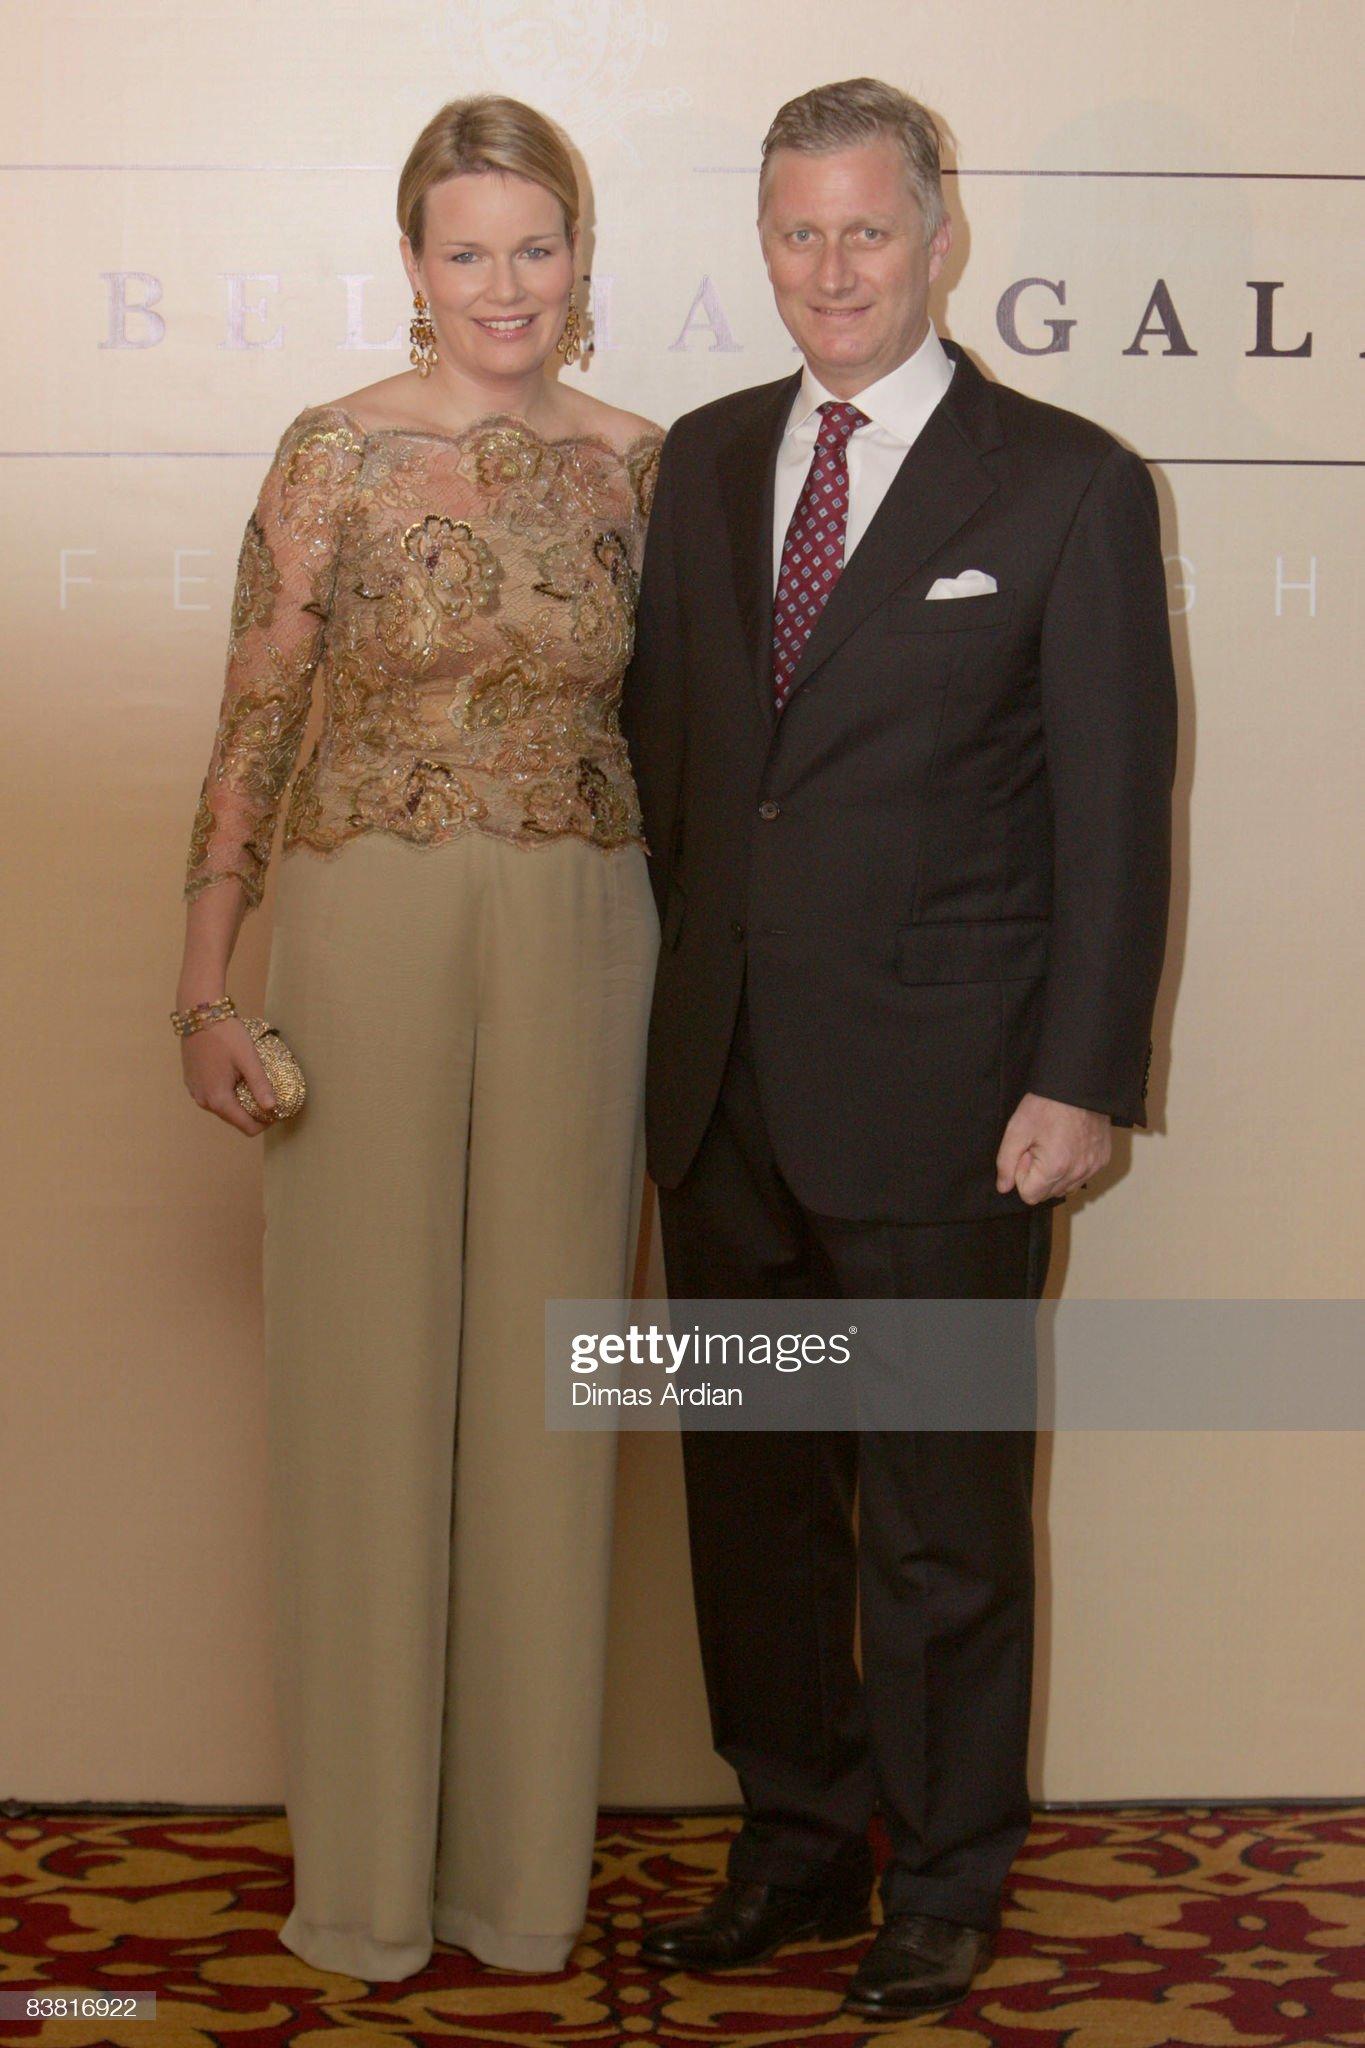 Вечерние наряды Королевы Матильды Belgium Royals Preside At Belgian Economic Mission To Indonesia - Day 4 : News Photo